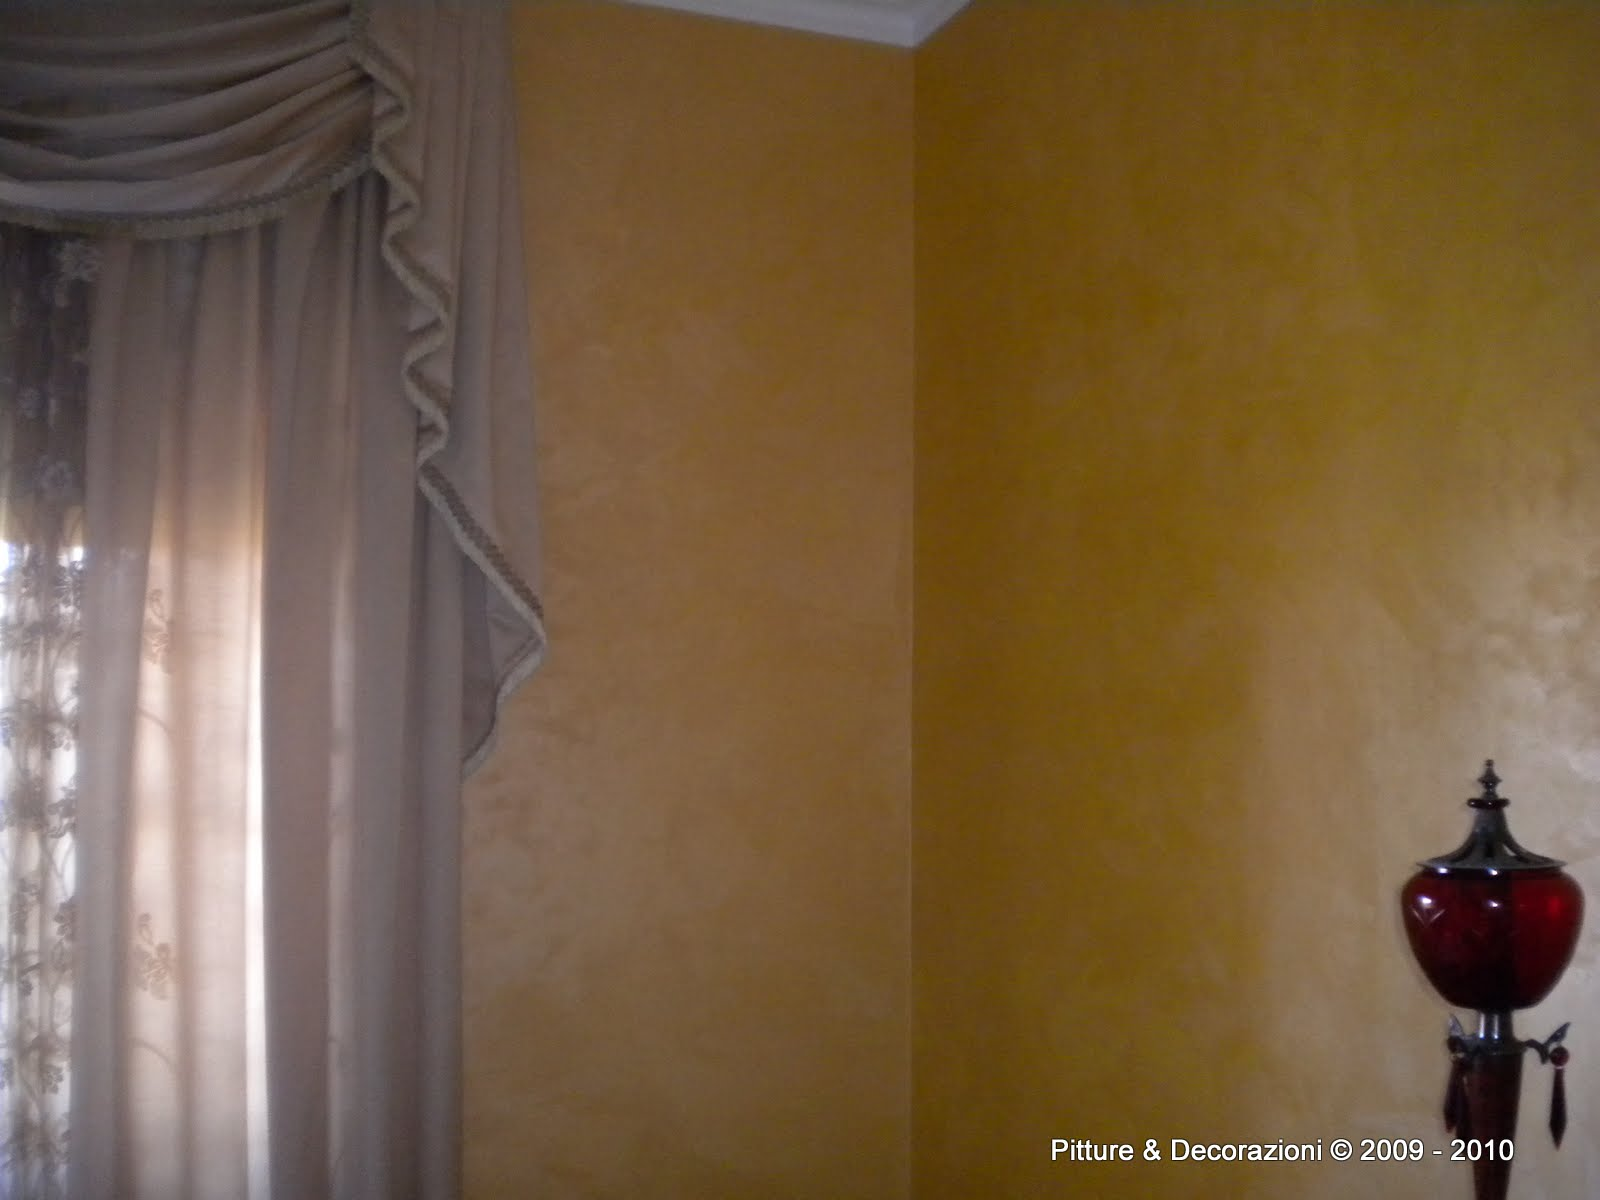 pitture decorazioni ottocento antico velluto oikos